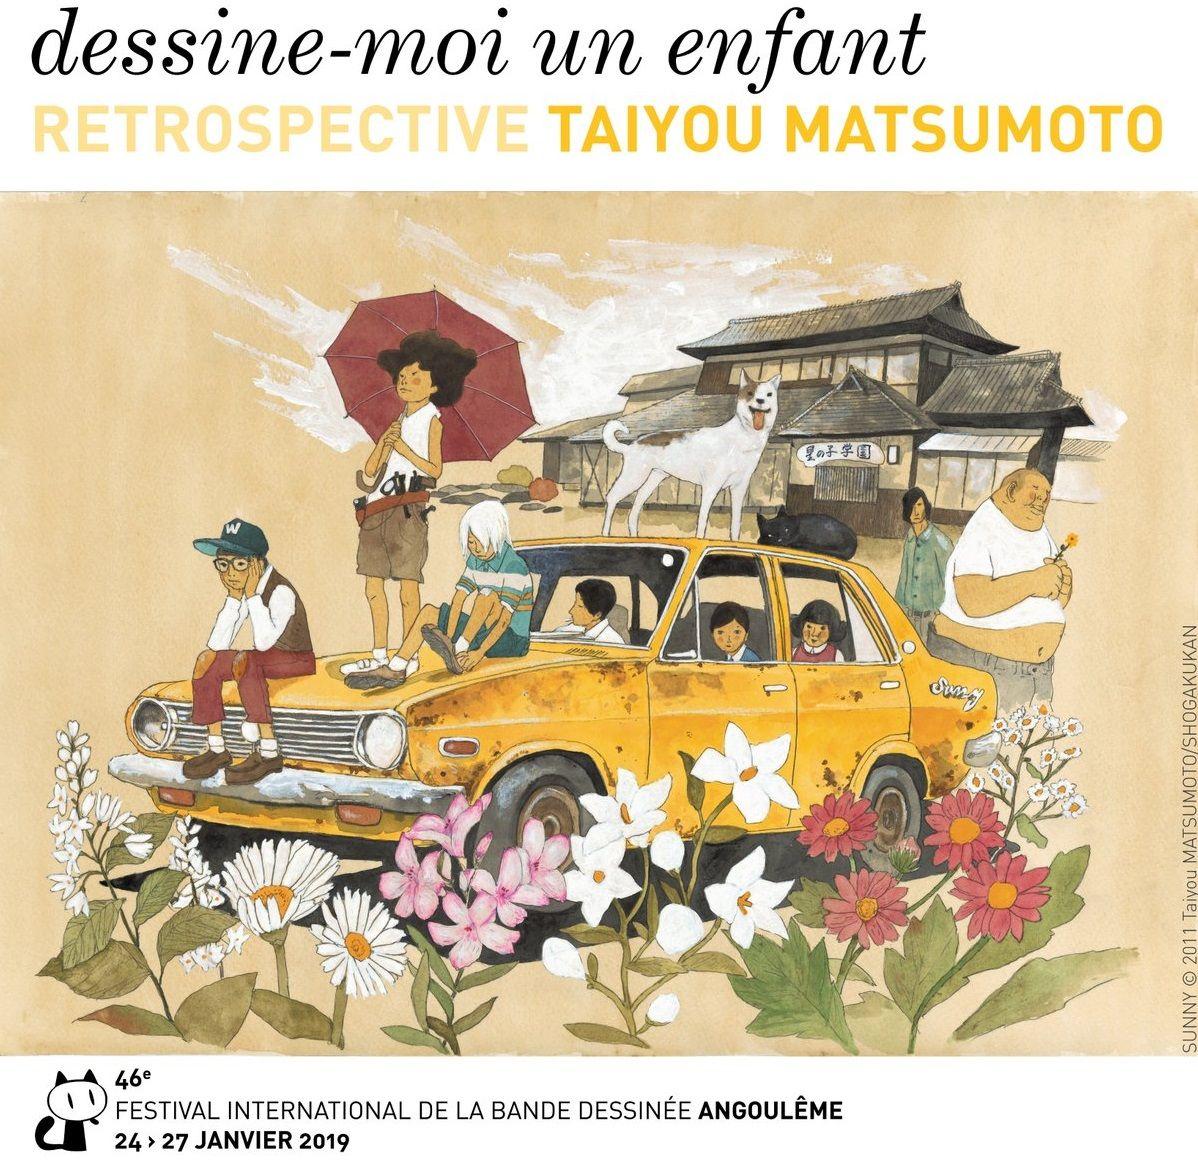 taiyou-matsumoto-retrospective.jpg